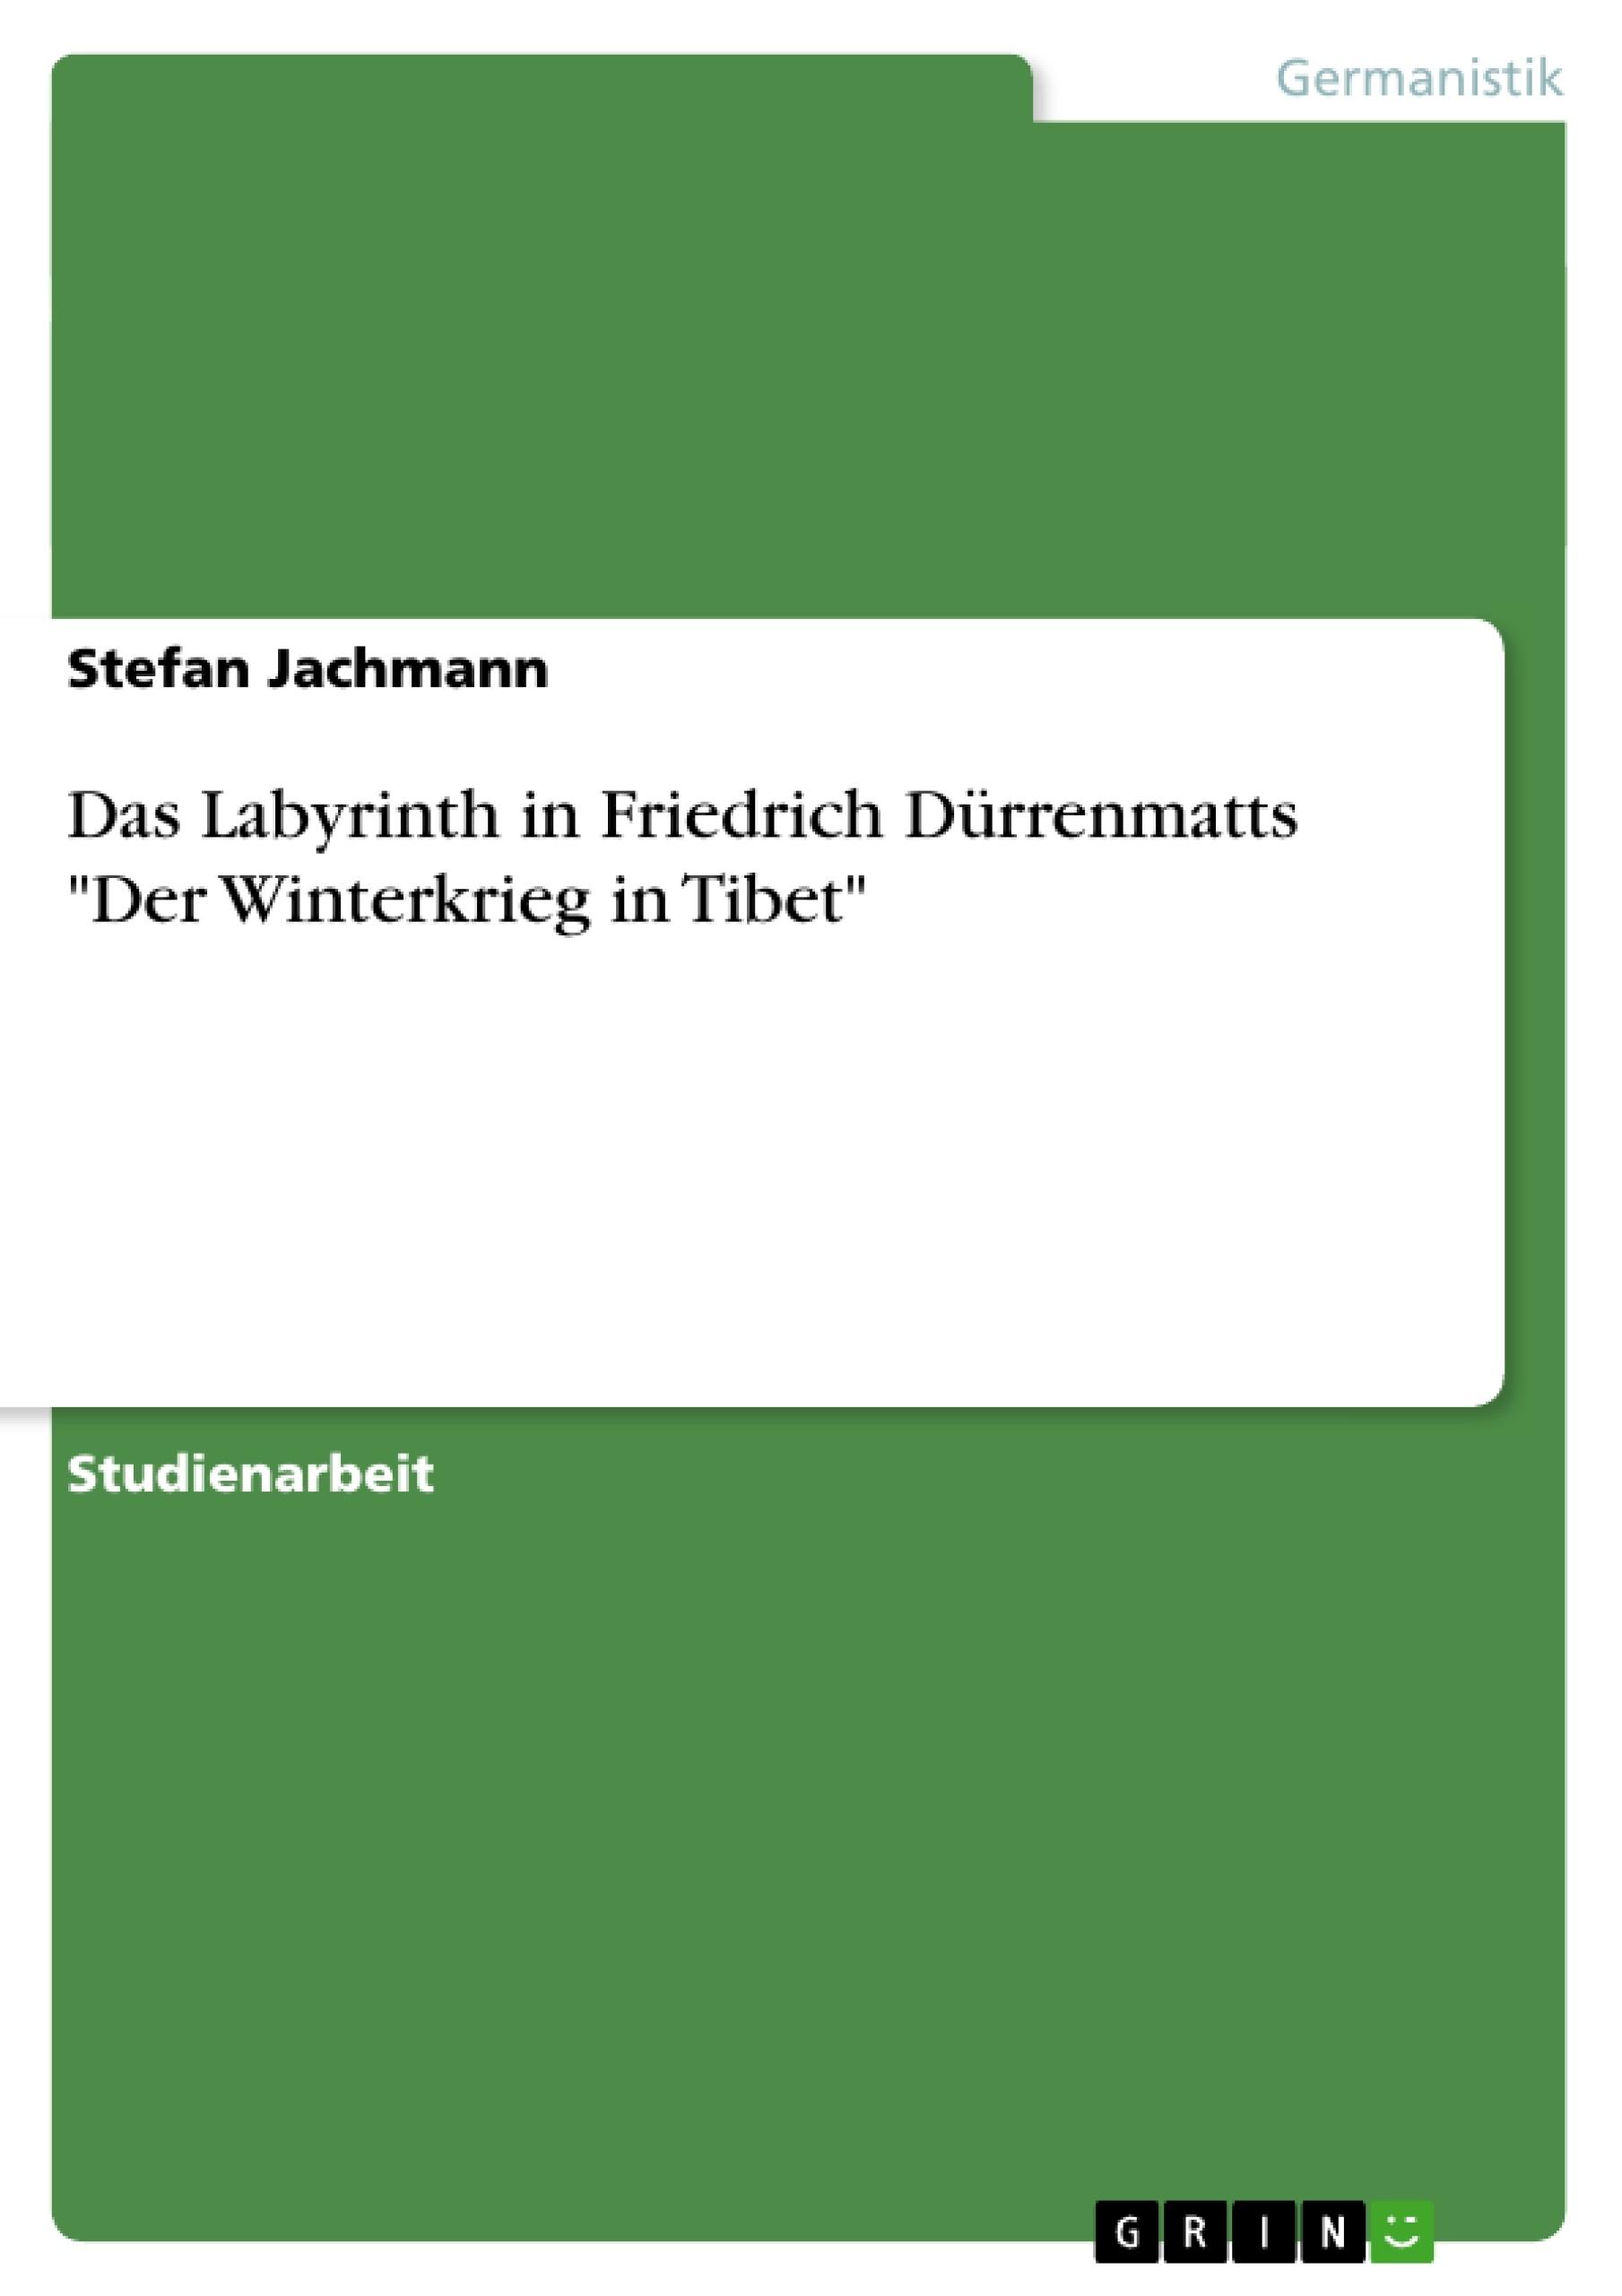 Schön Buchhaltung Fortsetzen Kraft Wörter Galerie - Entry Level ...